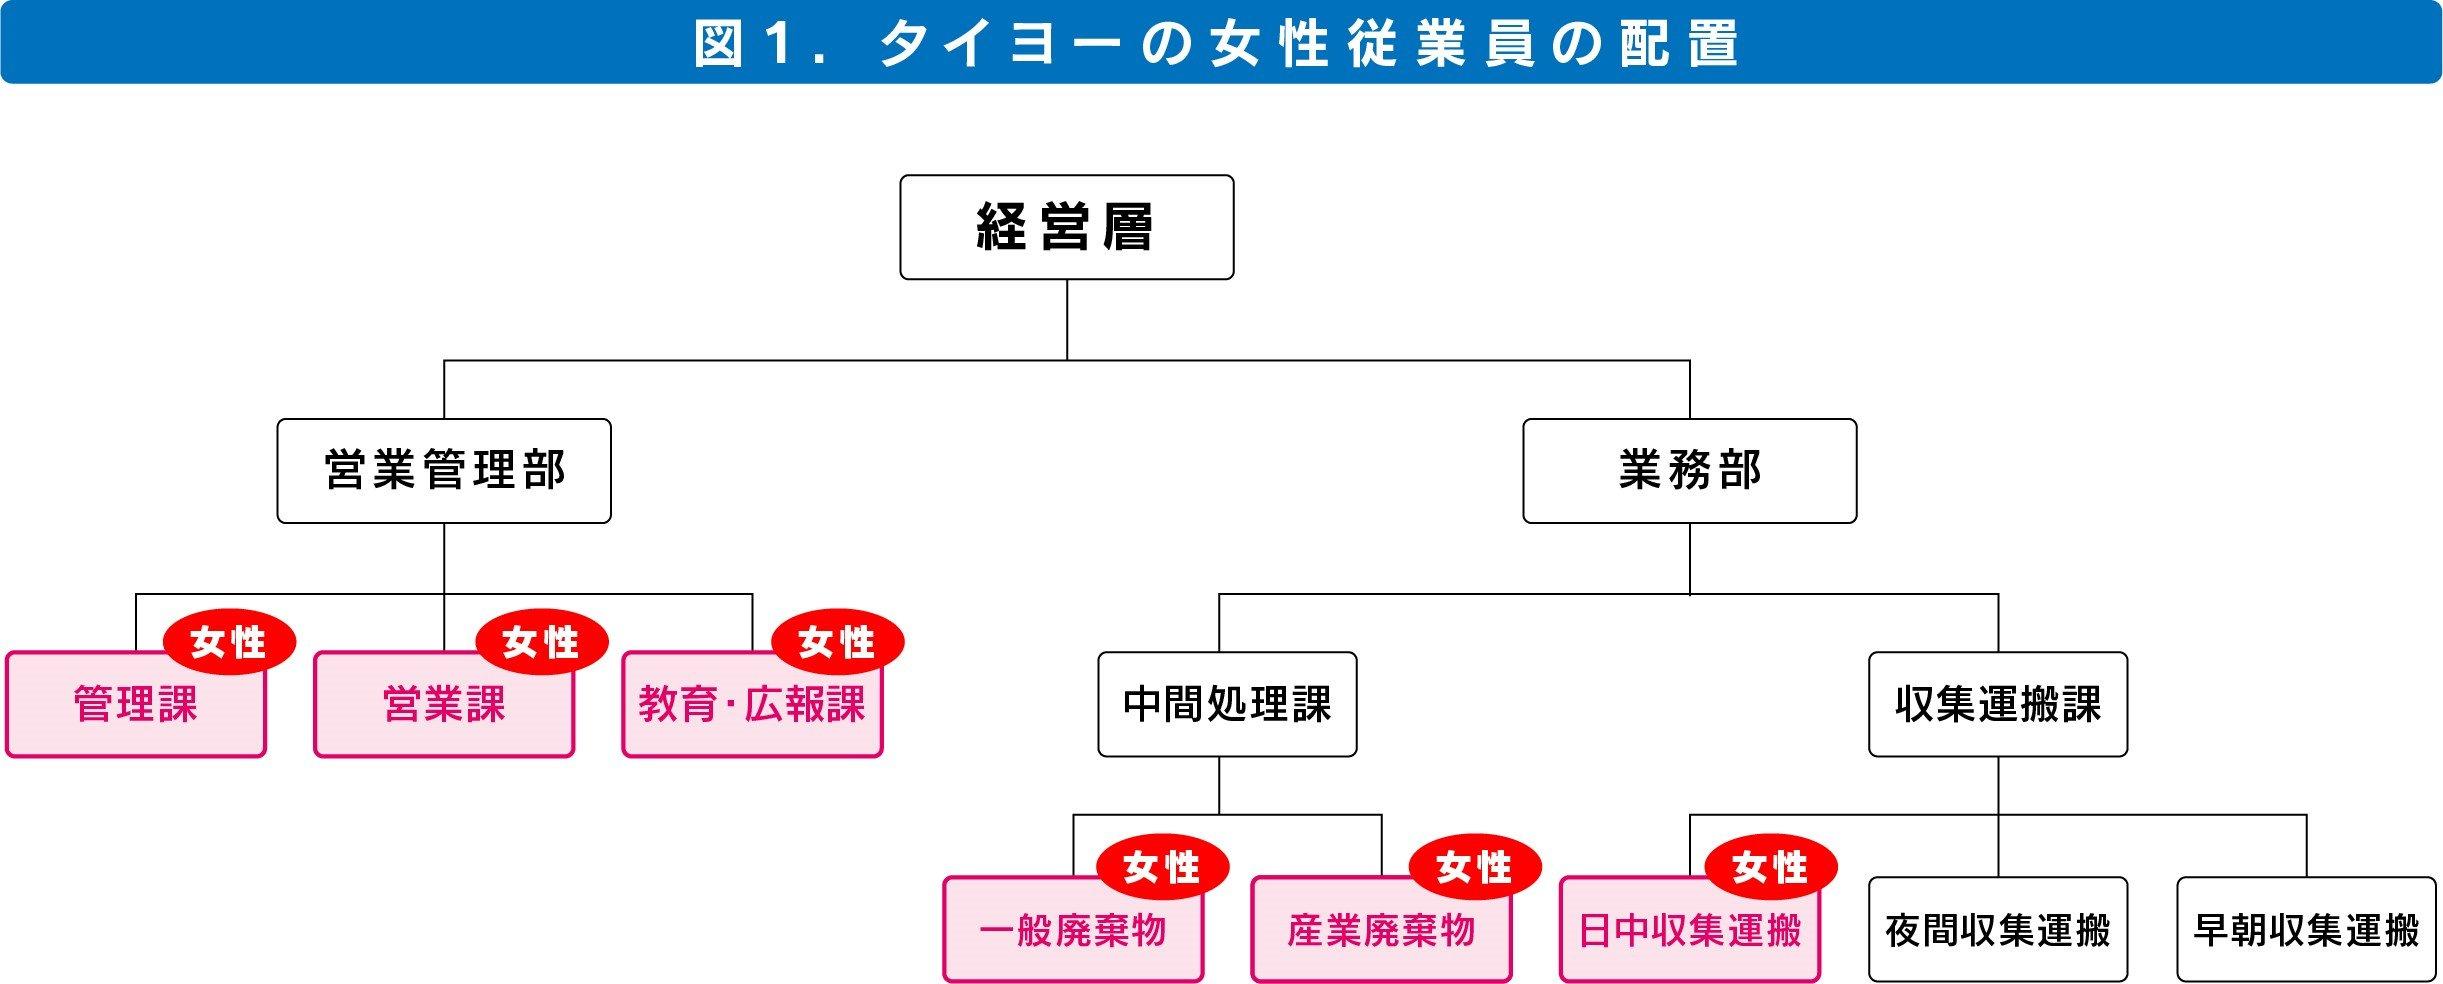 図1-1.jpg